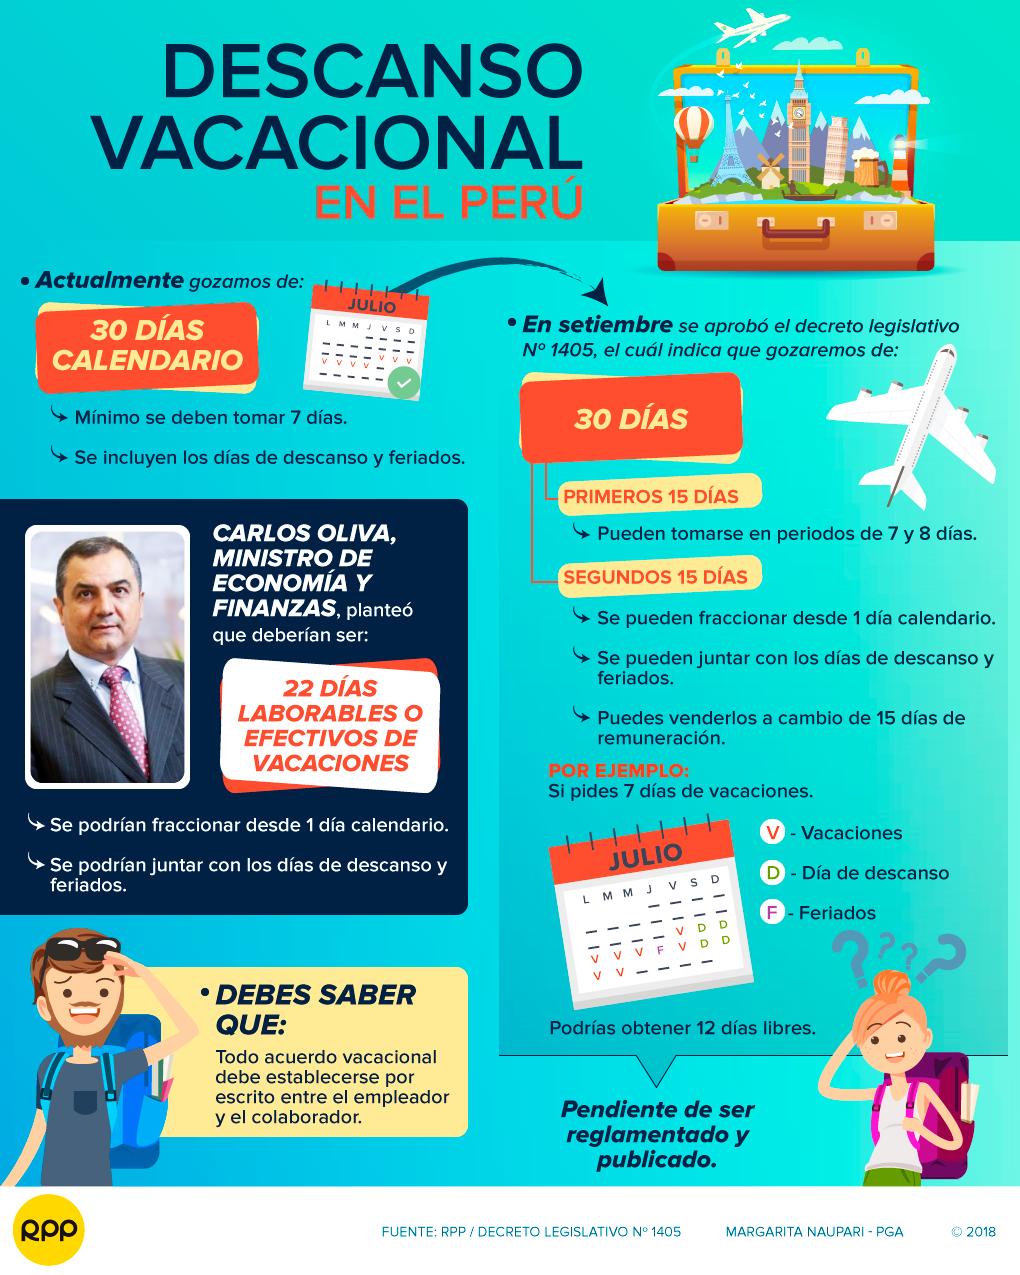 Vacaciones: Trabajadores podrán tomar vacaciones sin que se contabilicen los fines de semana